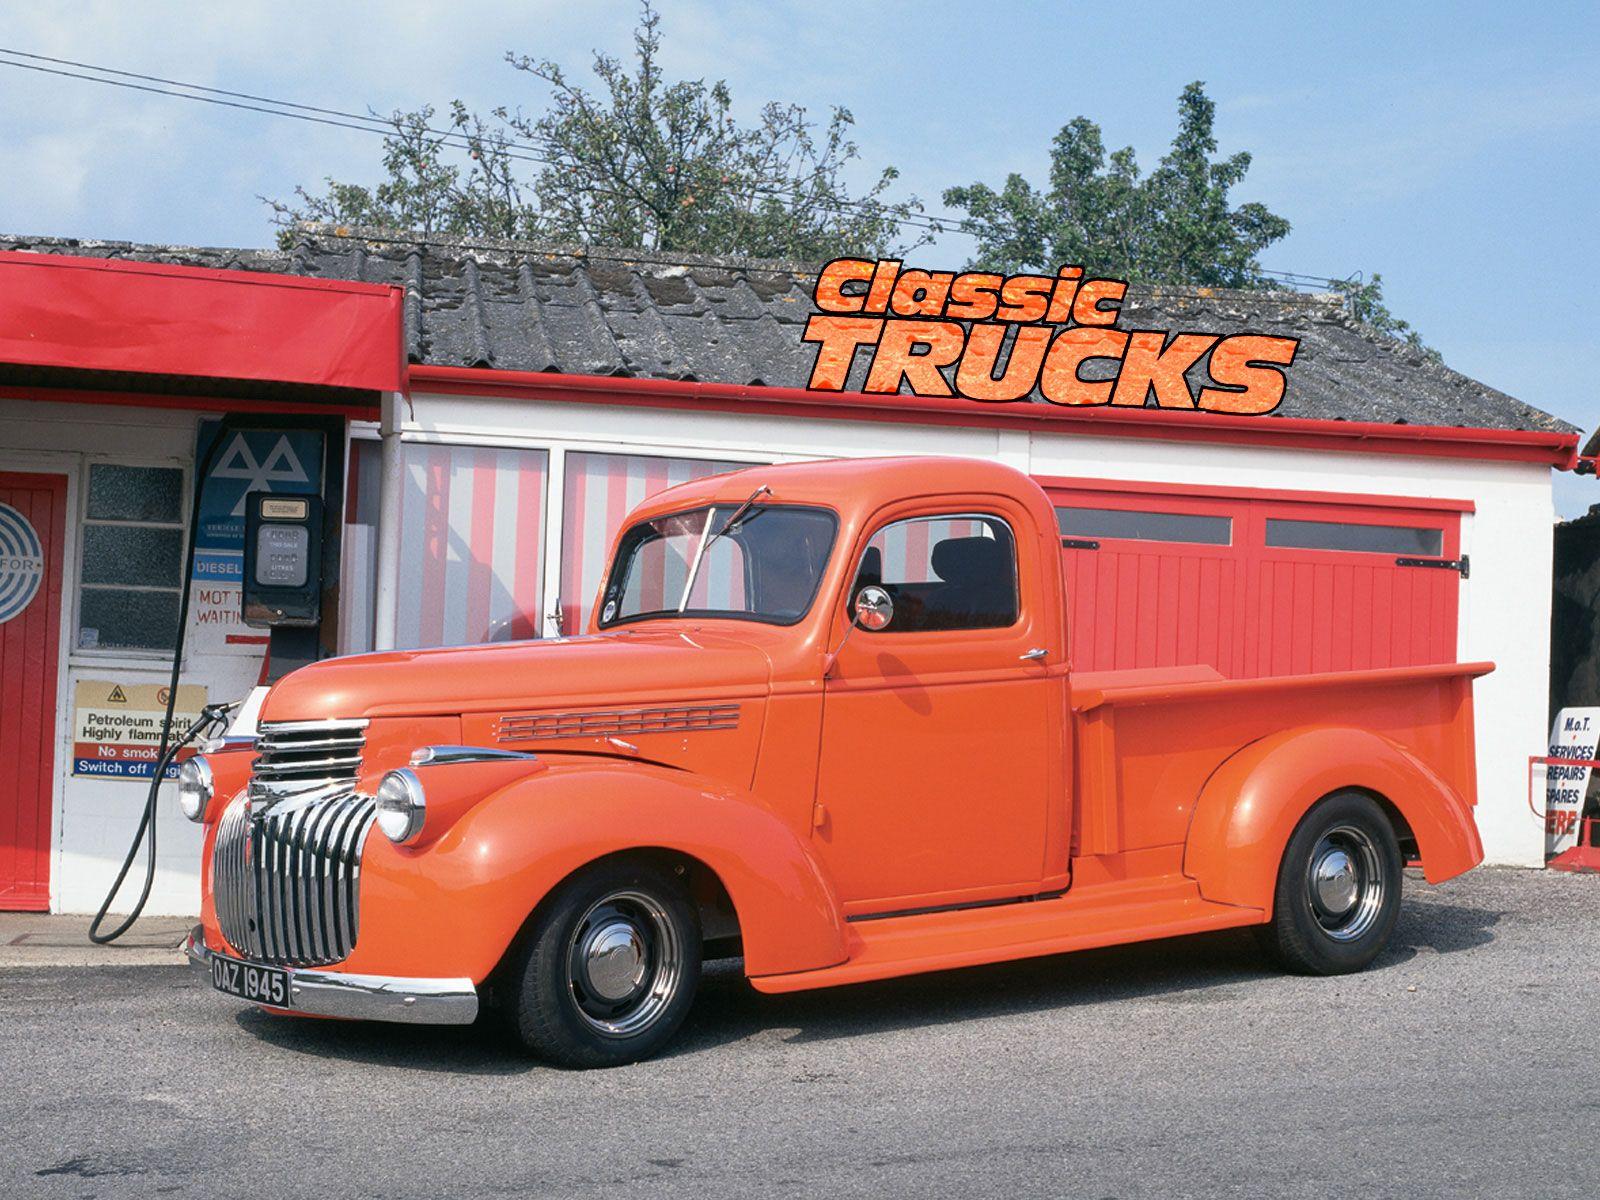 Old Truck Wallpaper httpwwwclassictruckscomfreestuffclassic 1600x1200